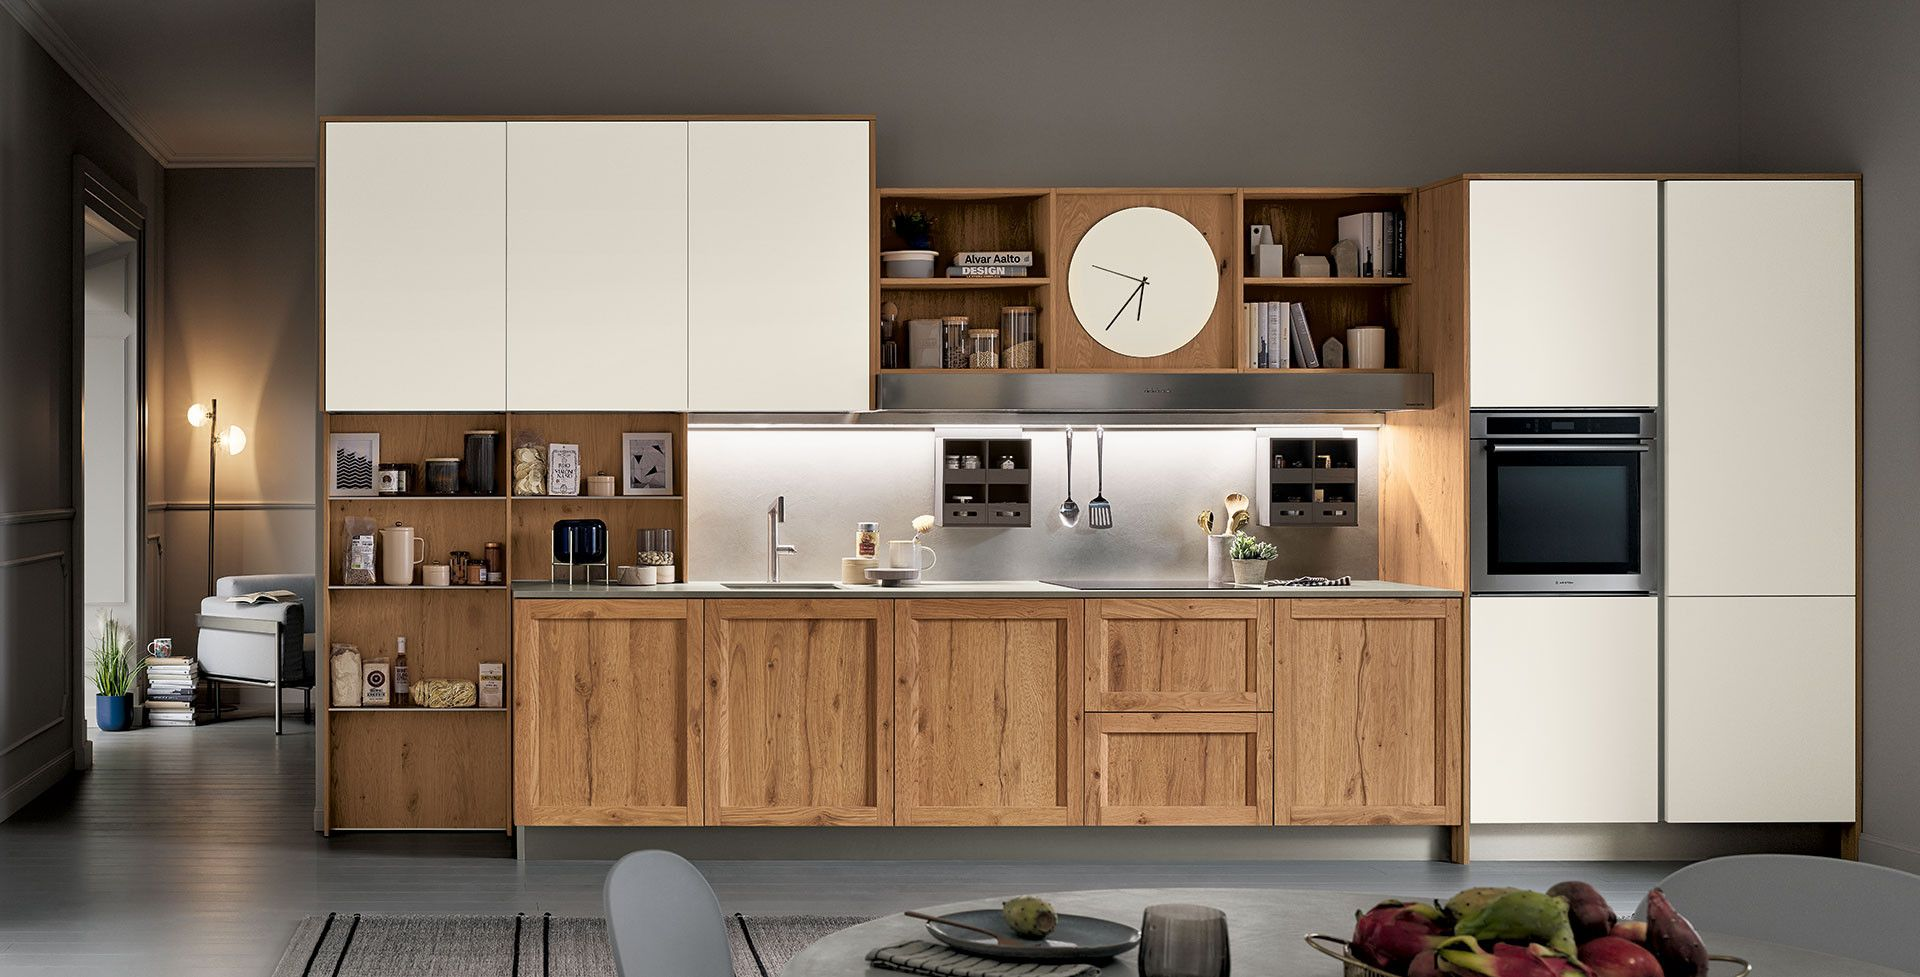 Cucina Milano Veneta Cucine Nel 2020 Idee Per Interni Cucina